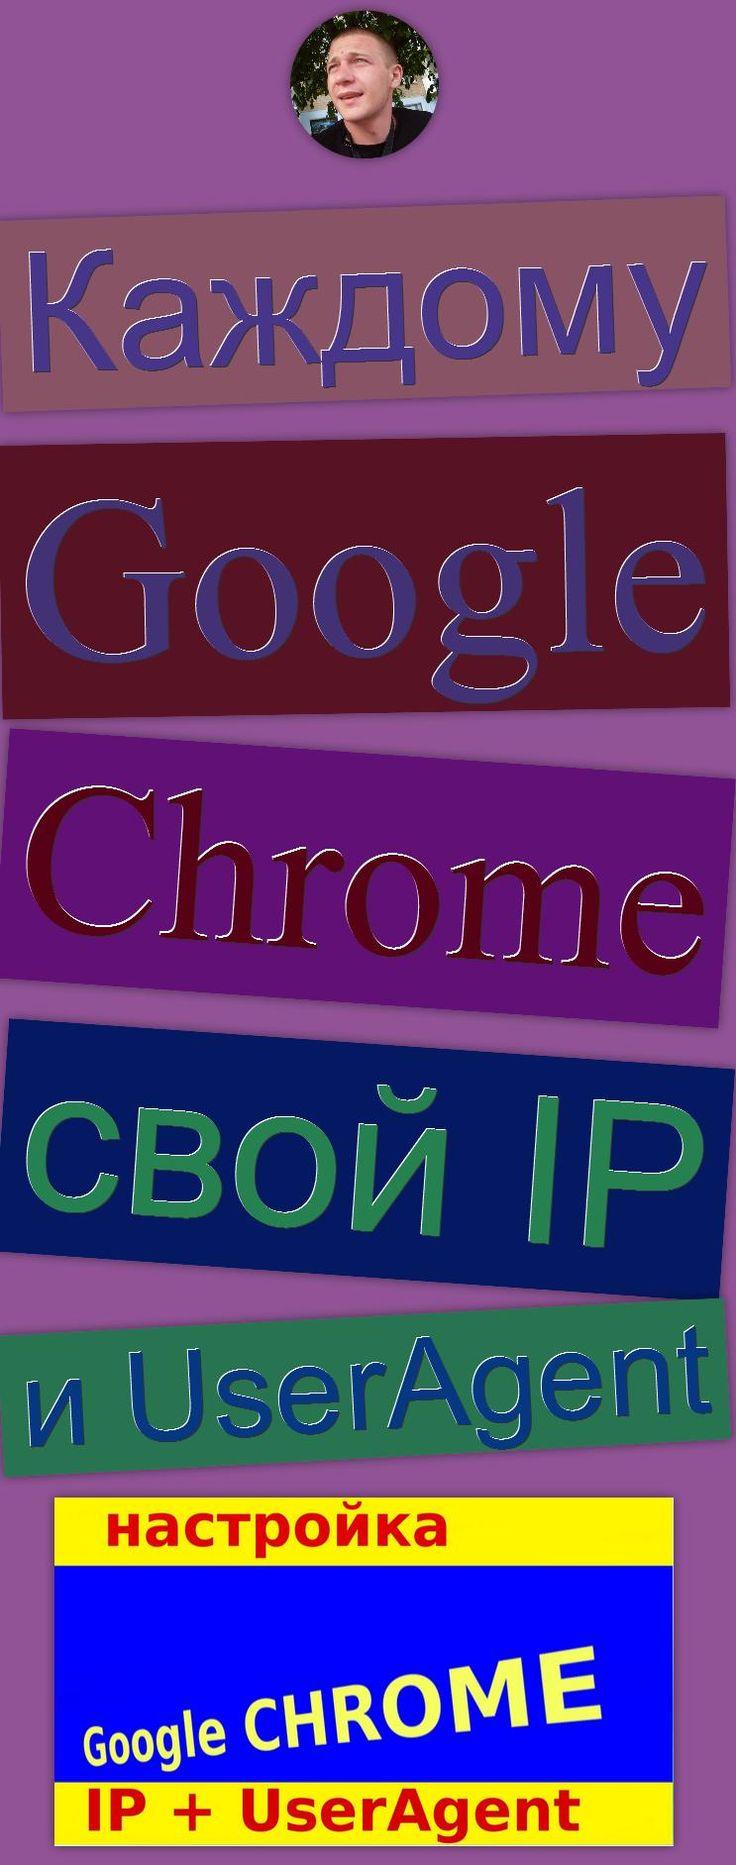 Каждому Google Chrome свой IP и UserAgent Software (Industry), Proxy, изменение юзерагента, Google Chrome (Web Browser), конфиденциальность в сети, изменение IP, UserAgent, анонимность в интернете, IP, Google (Award Winner)